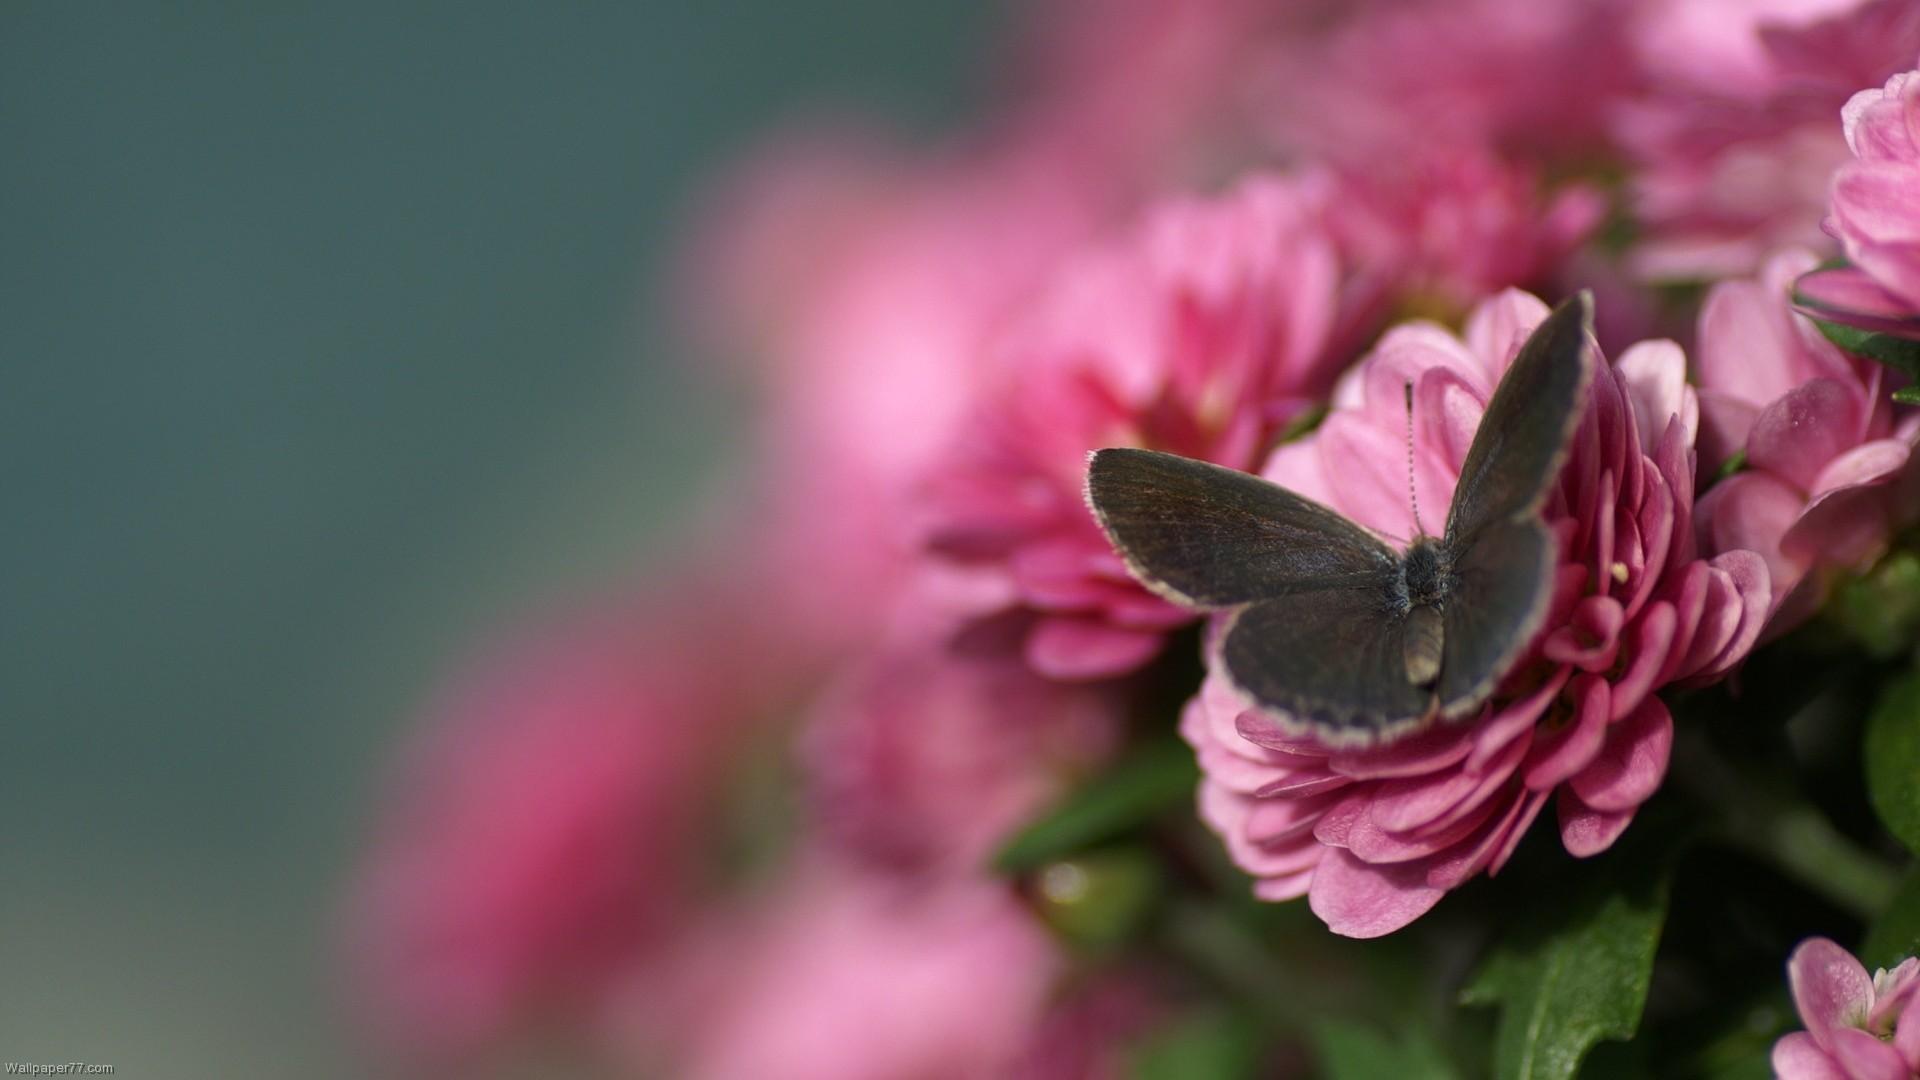 DARK BUTTERFLY ON PINK FLOWER WALLPAPER | Butterfly-on-Pink-Rose-flower